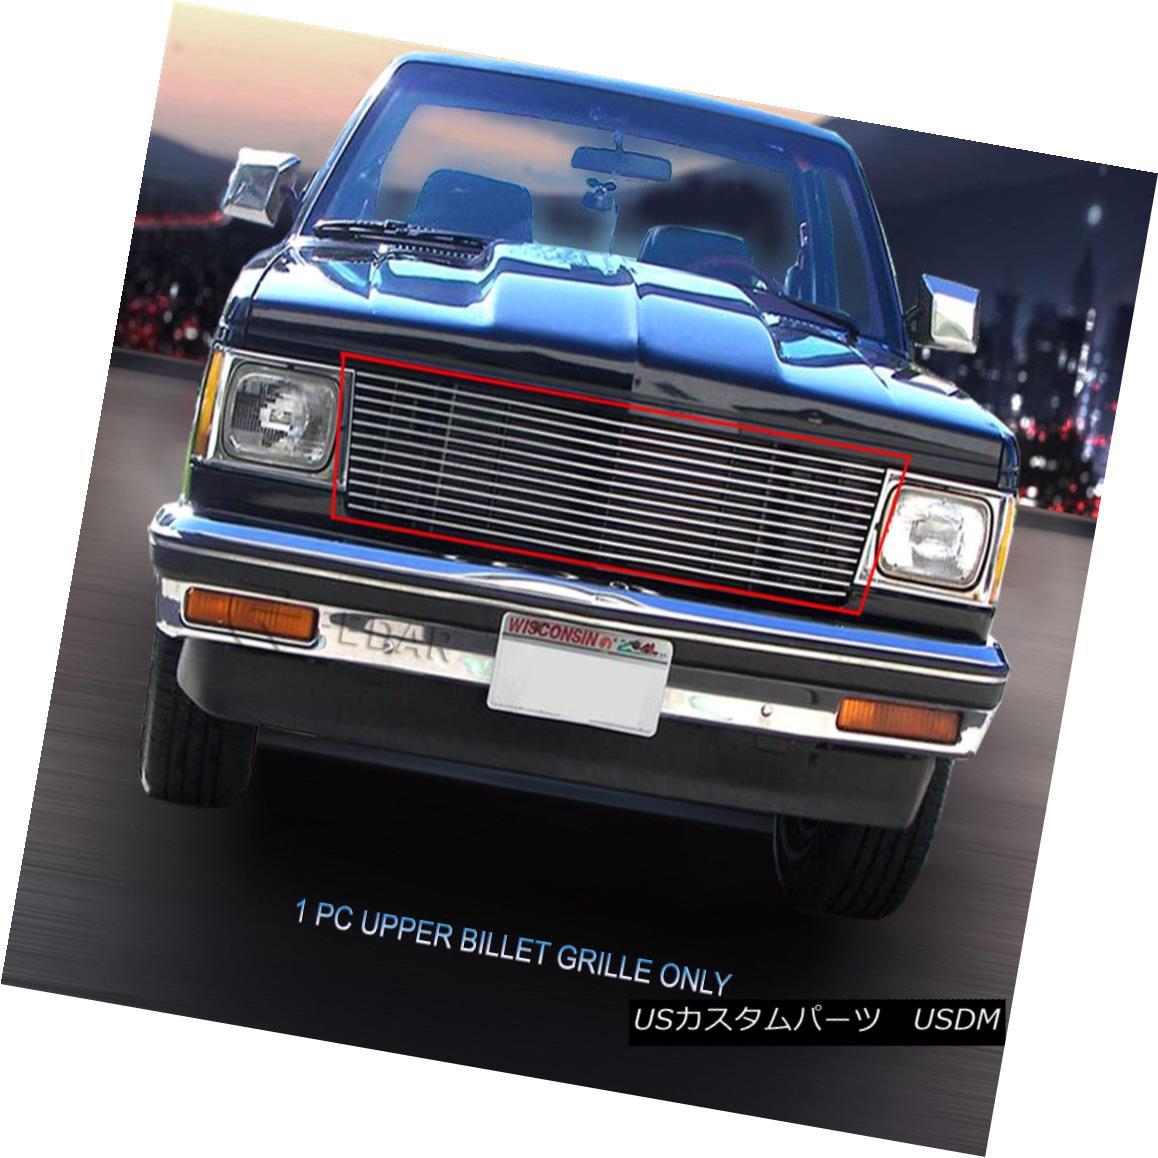 グリル 82-90 Chevy/GMC Blazer Jimmy S-10 Billet Grille Grill Fedar 82-90シボレー/ GMCブレザージミーS-10ビレットグリルグリルフェルダー